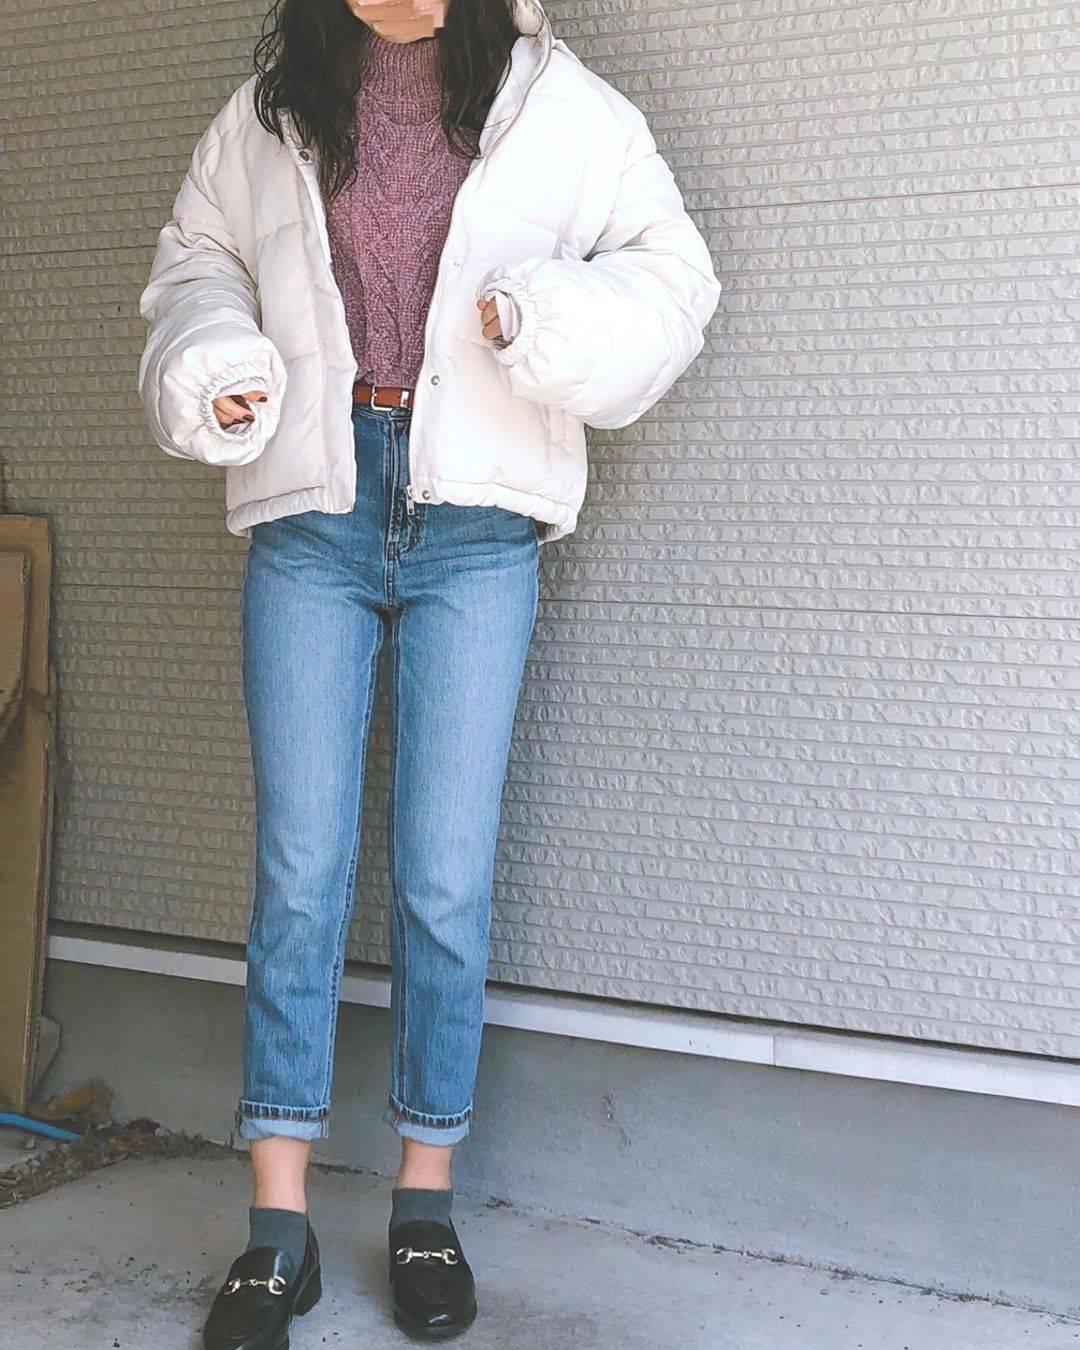 最高気温14度・最低気温5度 flower_22227の服装